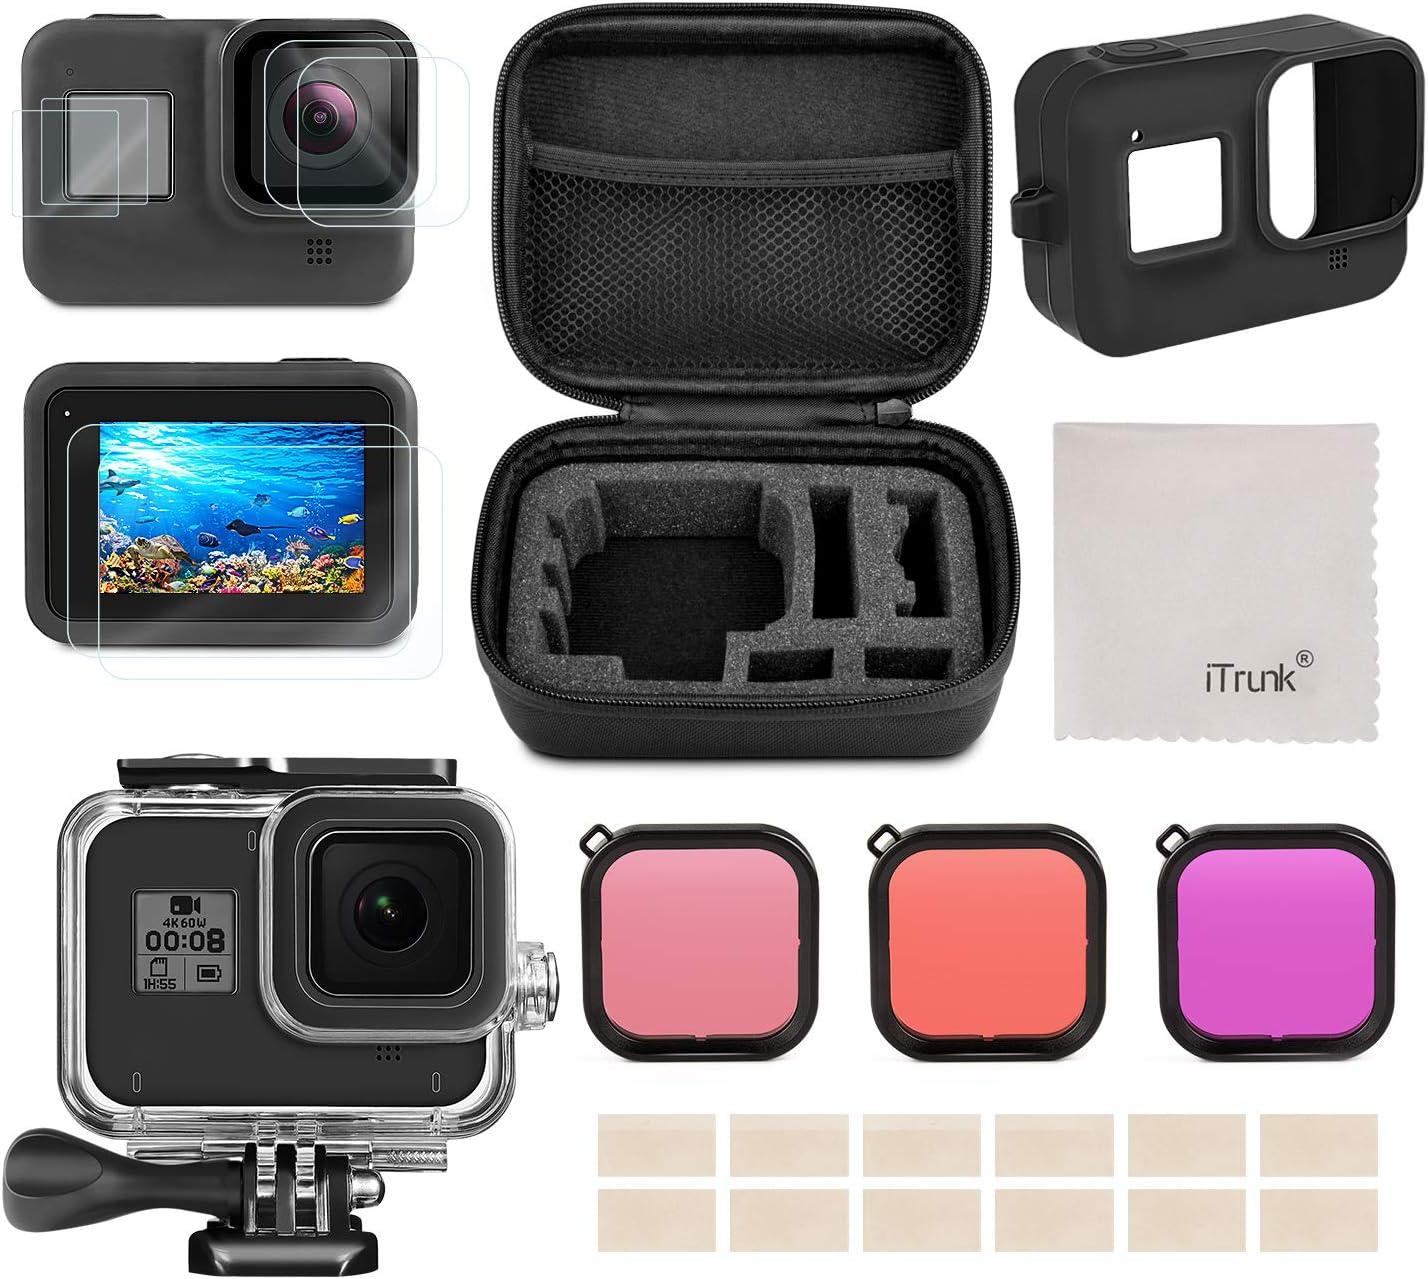 Kit de Accesorios para GoPro Hero 8 Black, iTrunk 24 en 1 con Paquete Pequeño para la Carcasa Impermeable Protector de Pantalla Filtro Rojo Funda de Silicona para GoPro Hero 8 Black Cámara de Acción